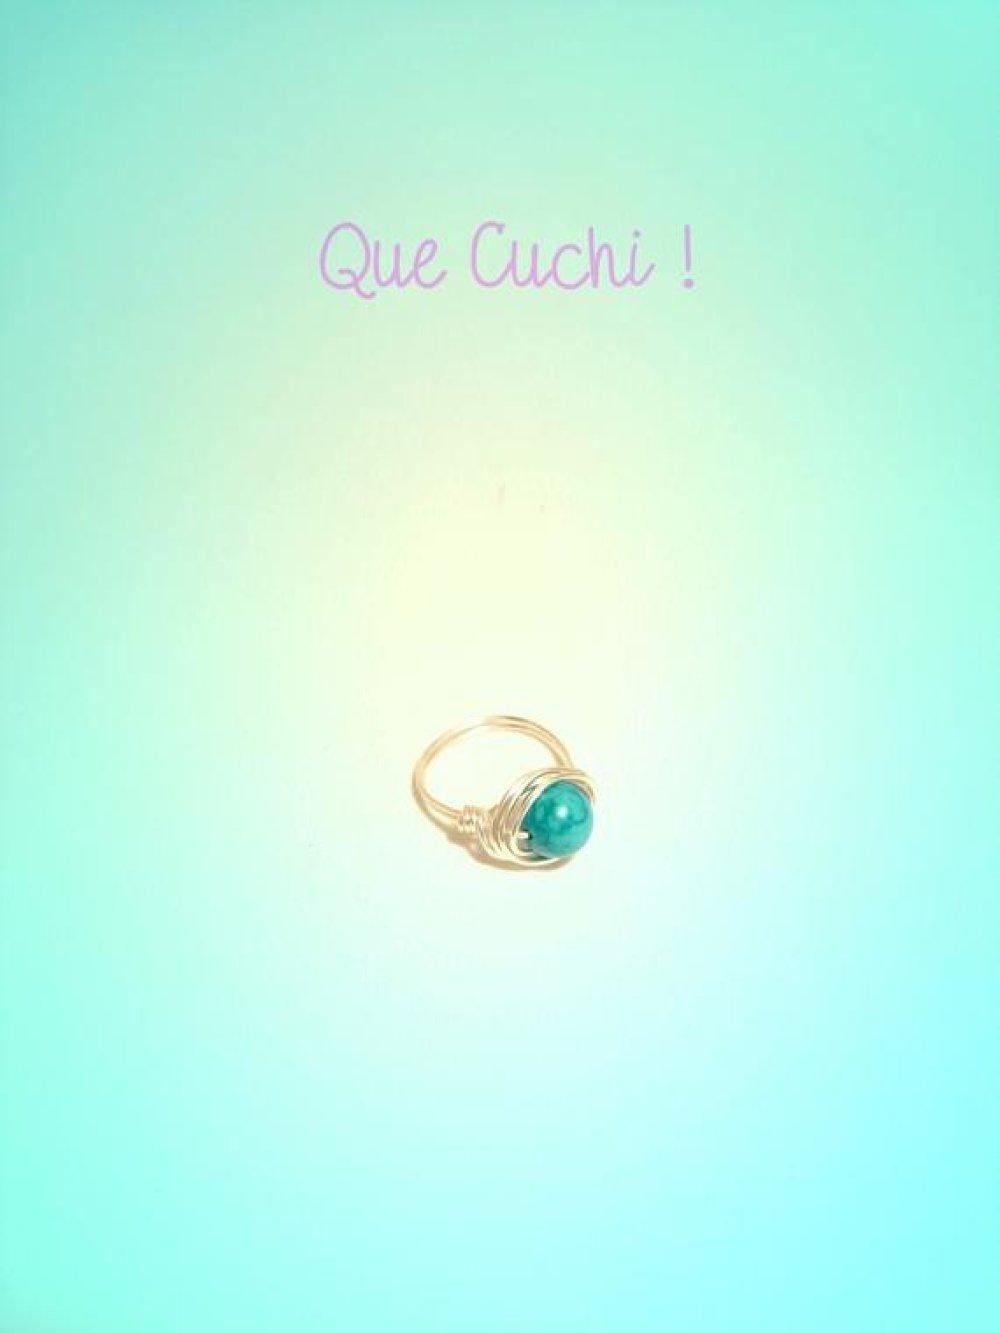 Bague sur mesure avec du fil d'argent et une perle de Turquoise